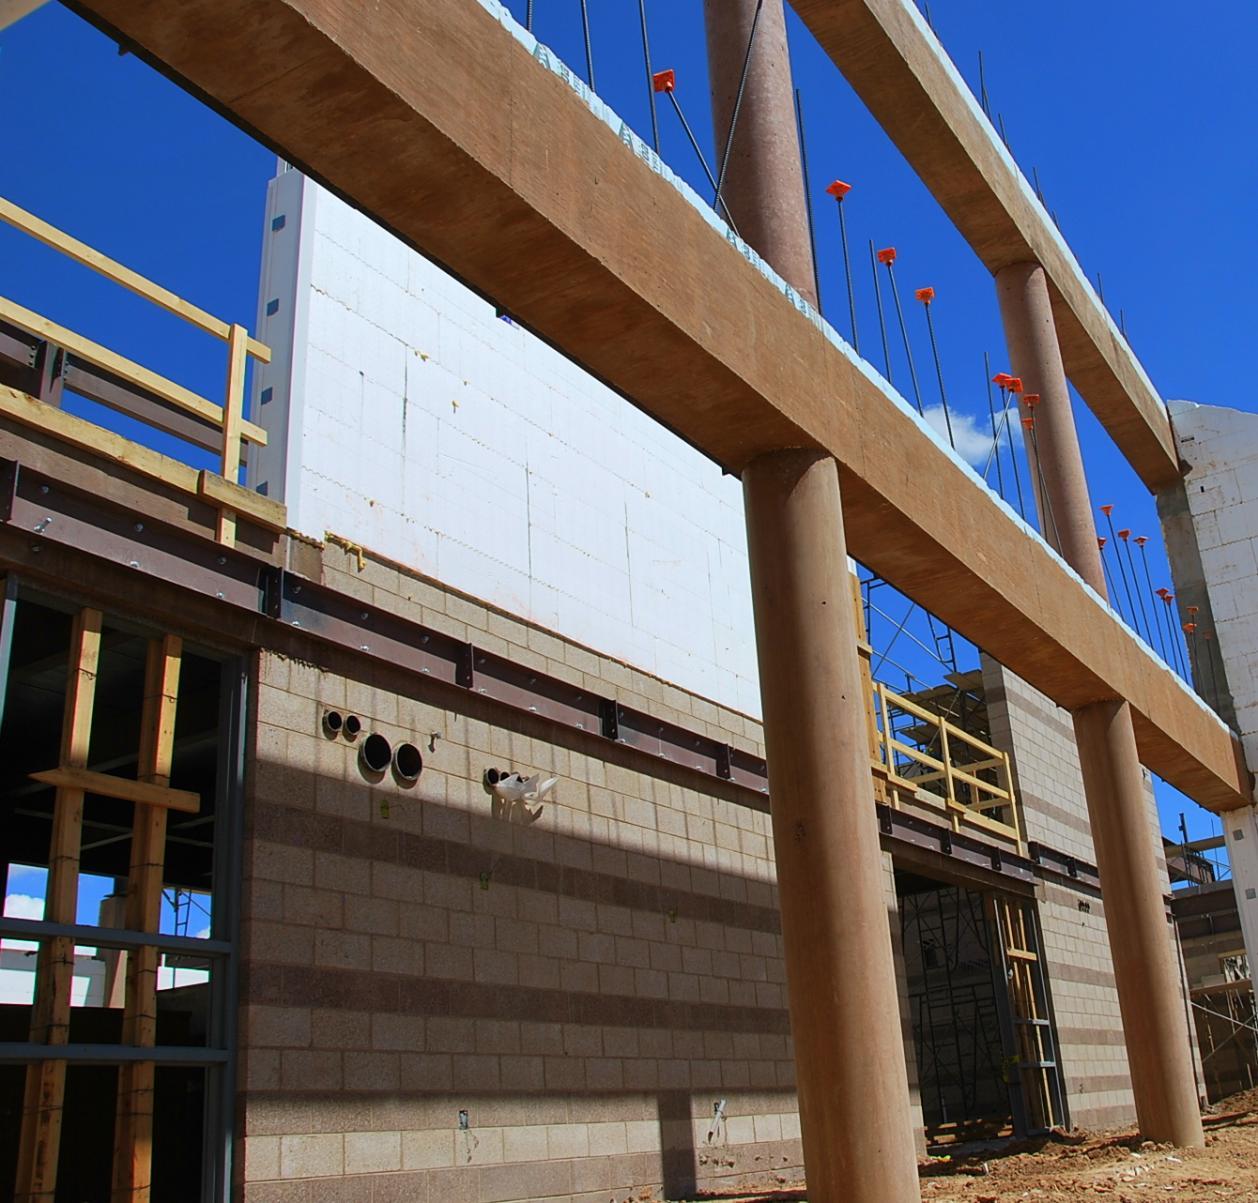 Concrete Beams-s.f.c.c.843beam_64sfcc-colored-bea.jpg